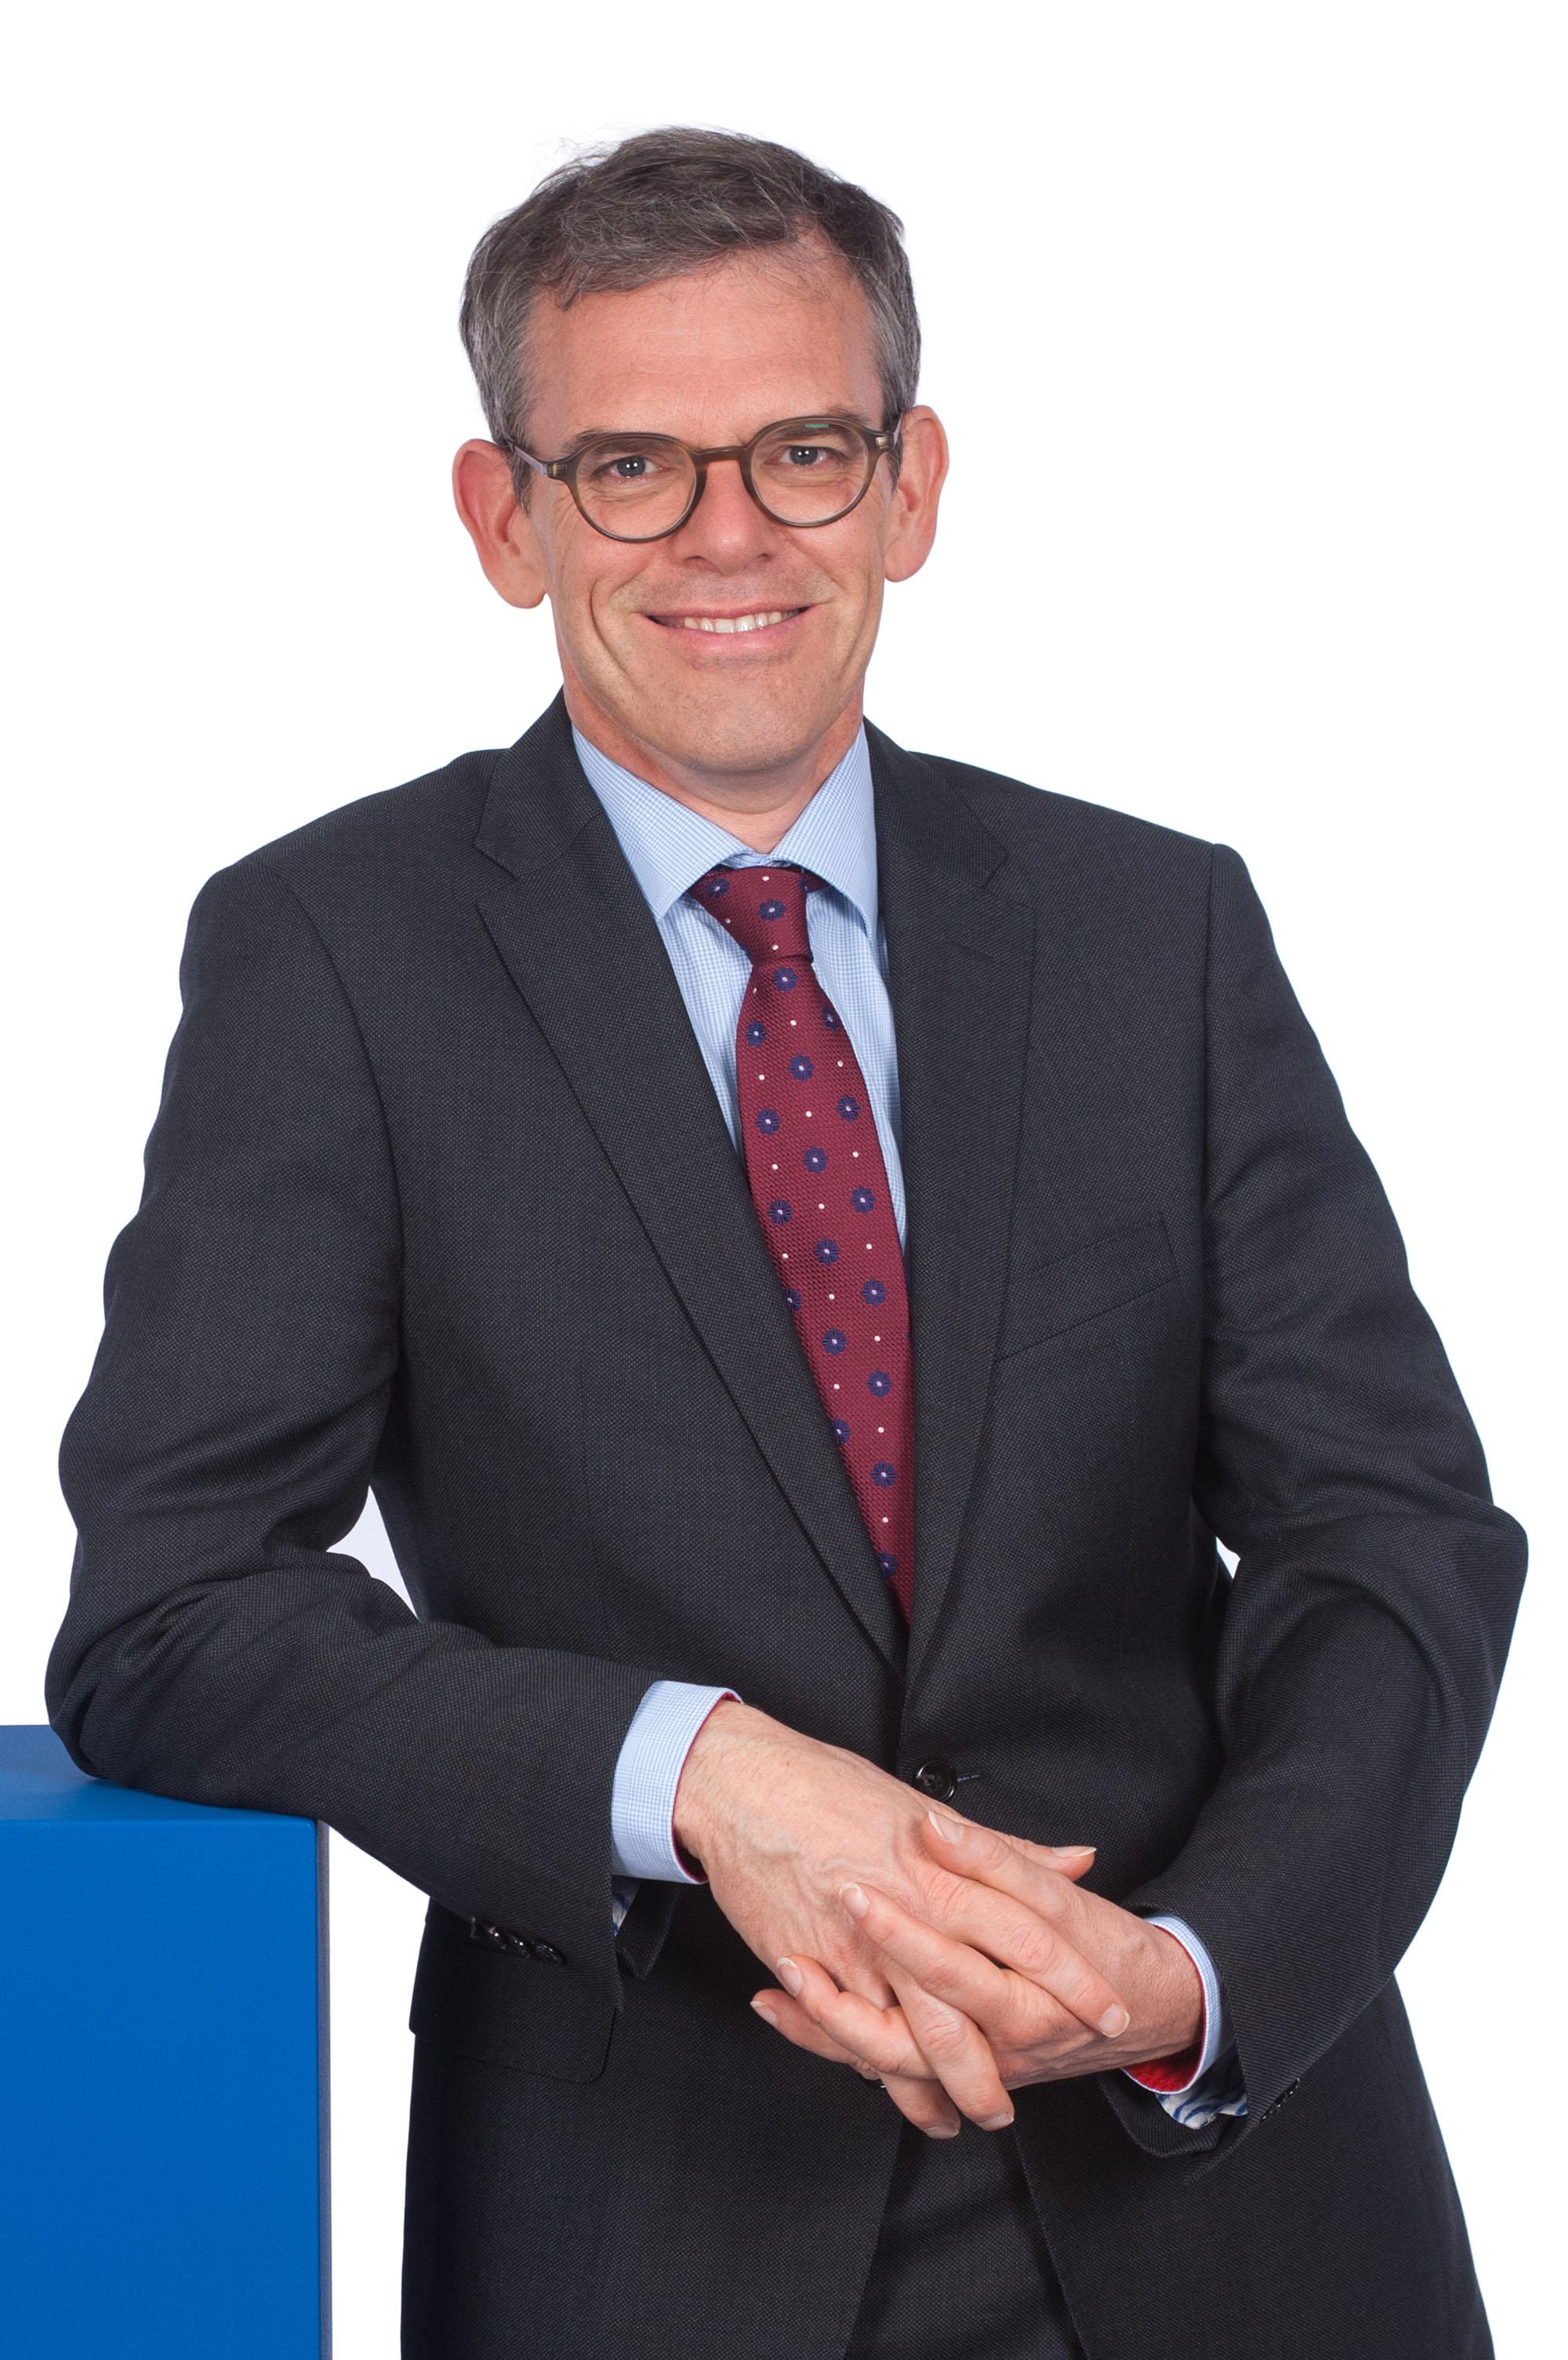 Michael Nieuwesteeg